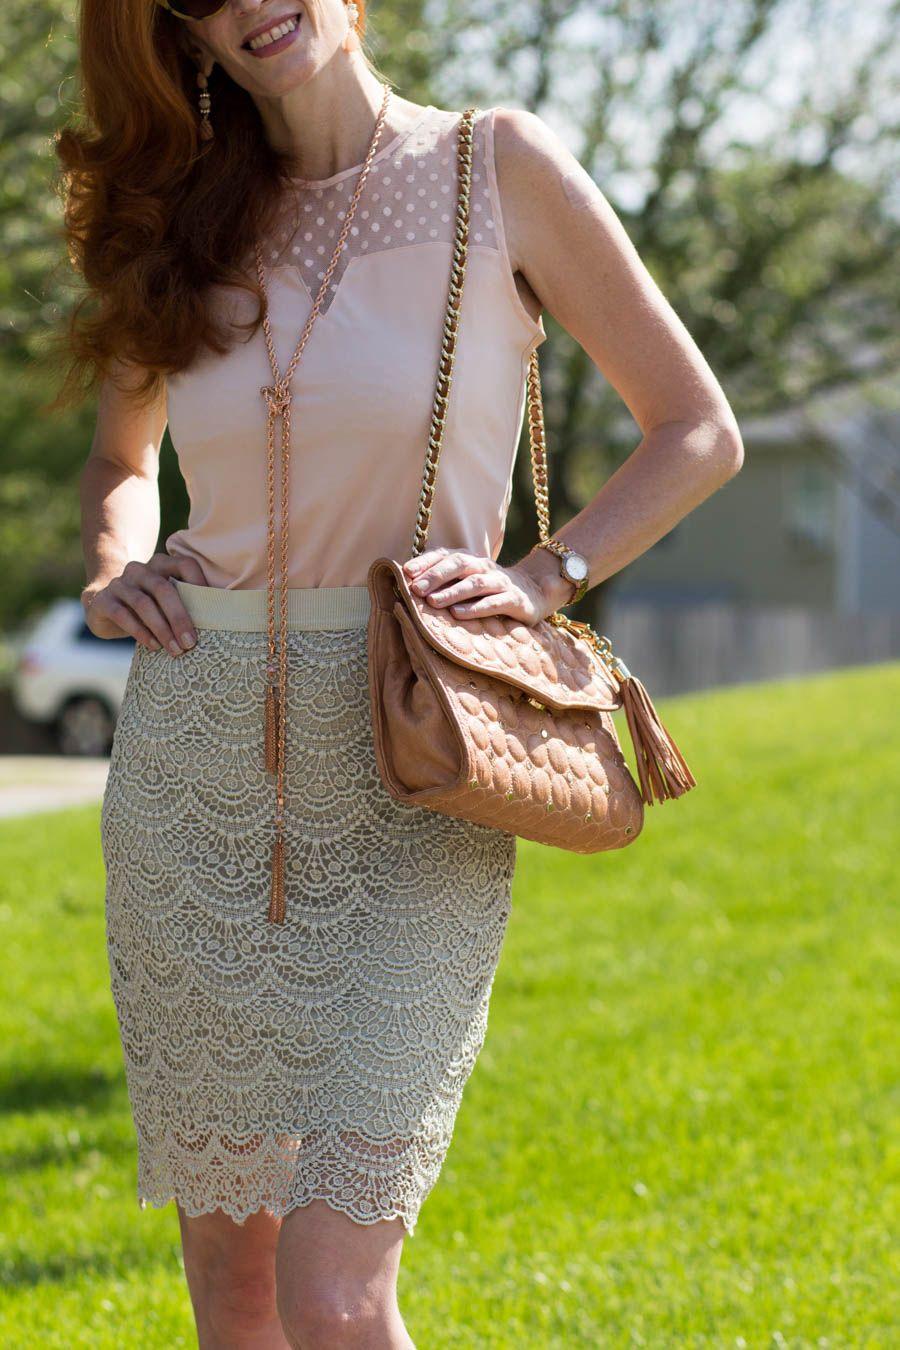 Turning Heads Linkup and I'm Blushing! - Elegantly Dressed & Stylish - Over 40 Fashion Blog